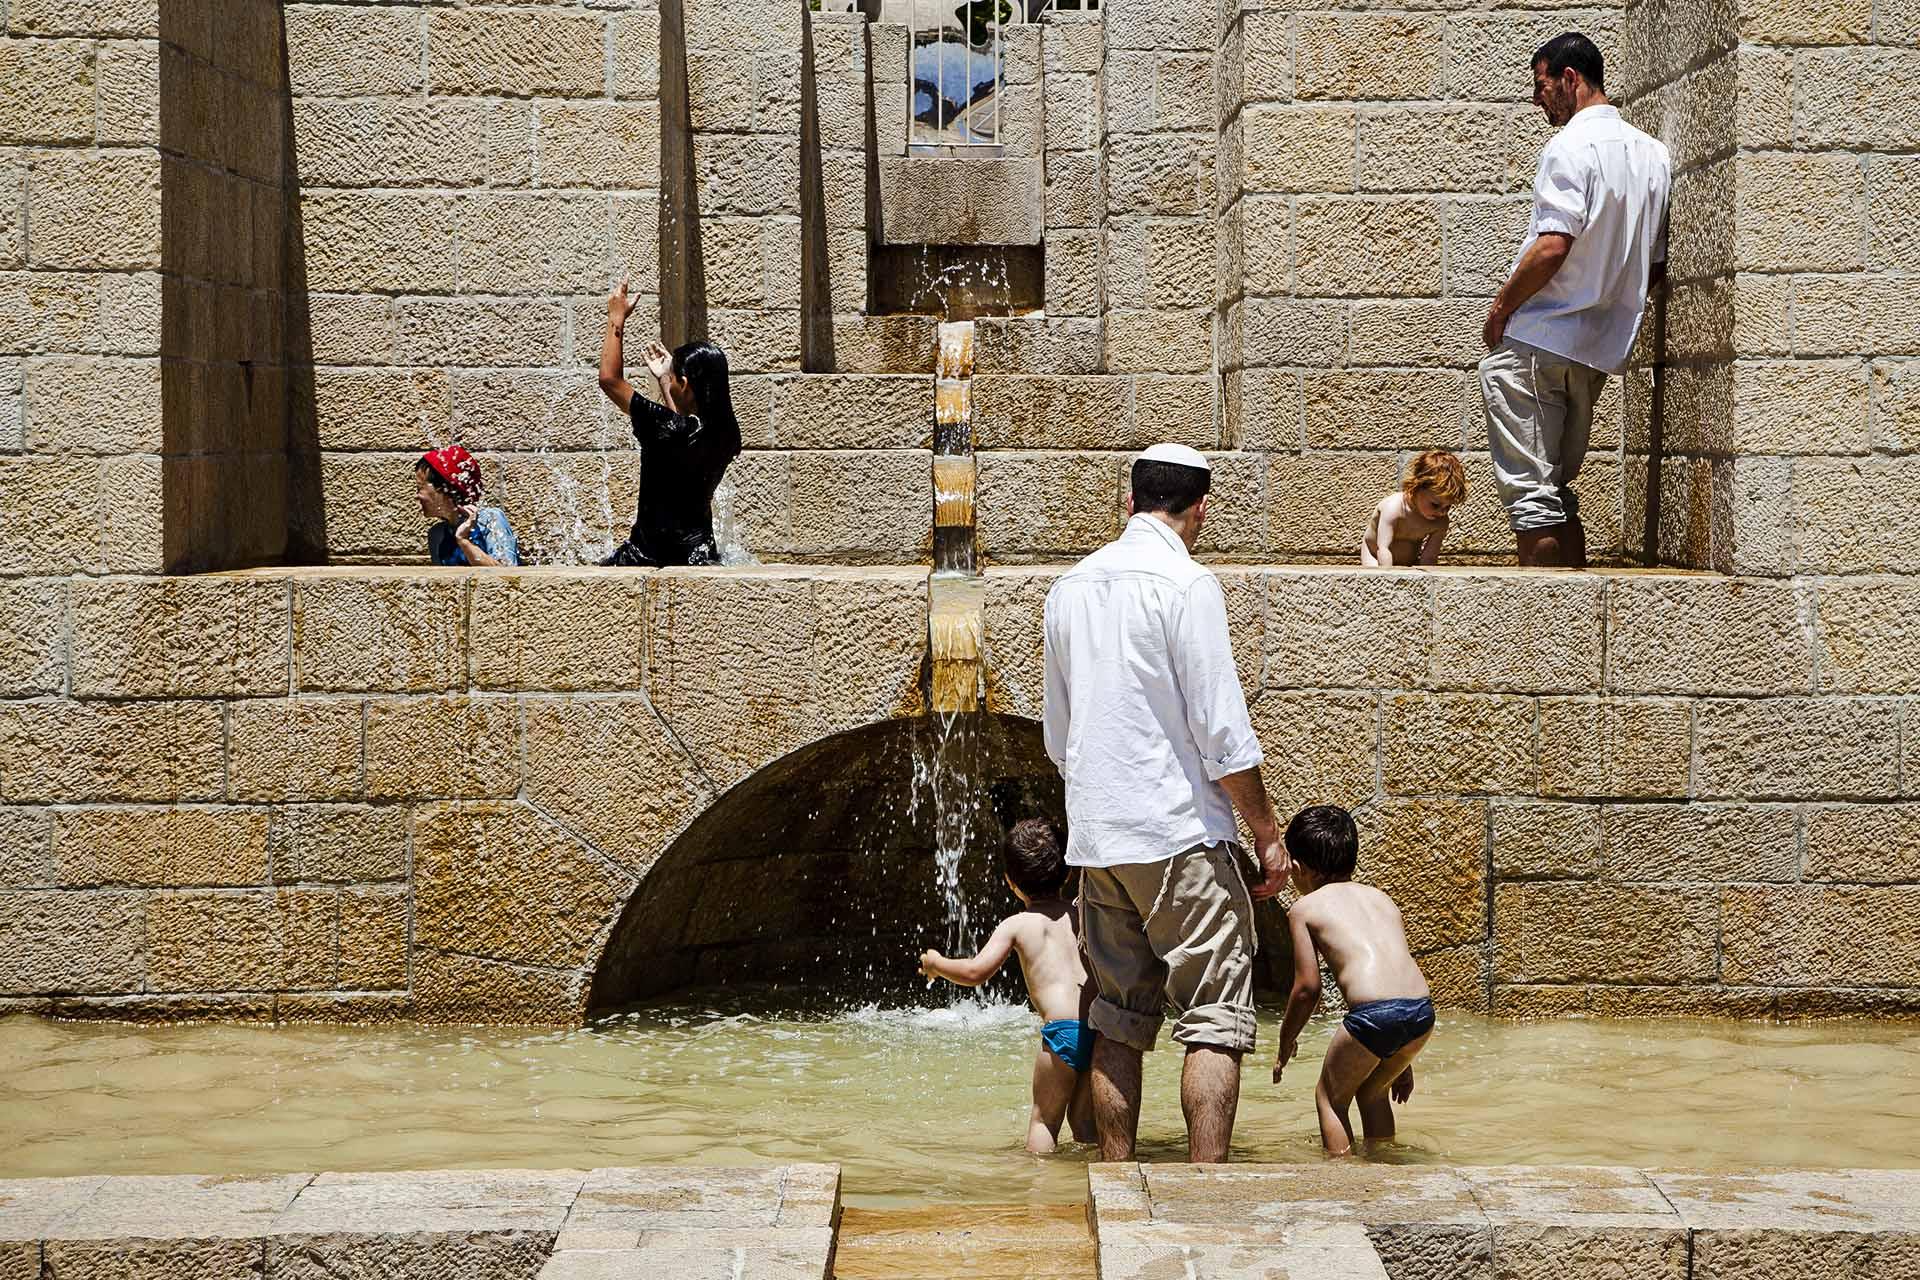 Una familia judía juega en un parque céntrico de Jerusalem.